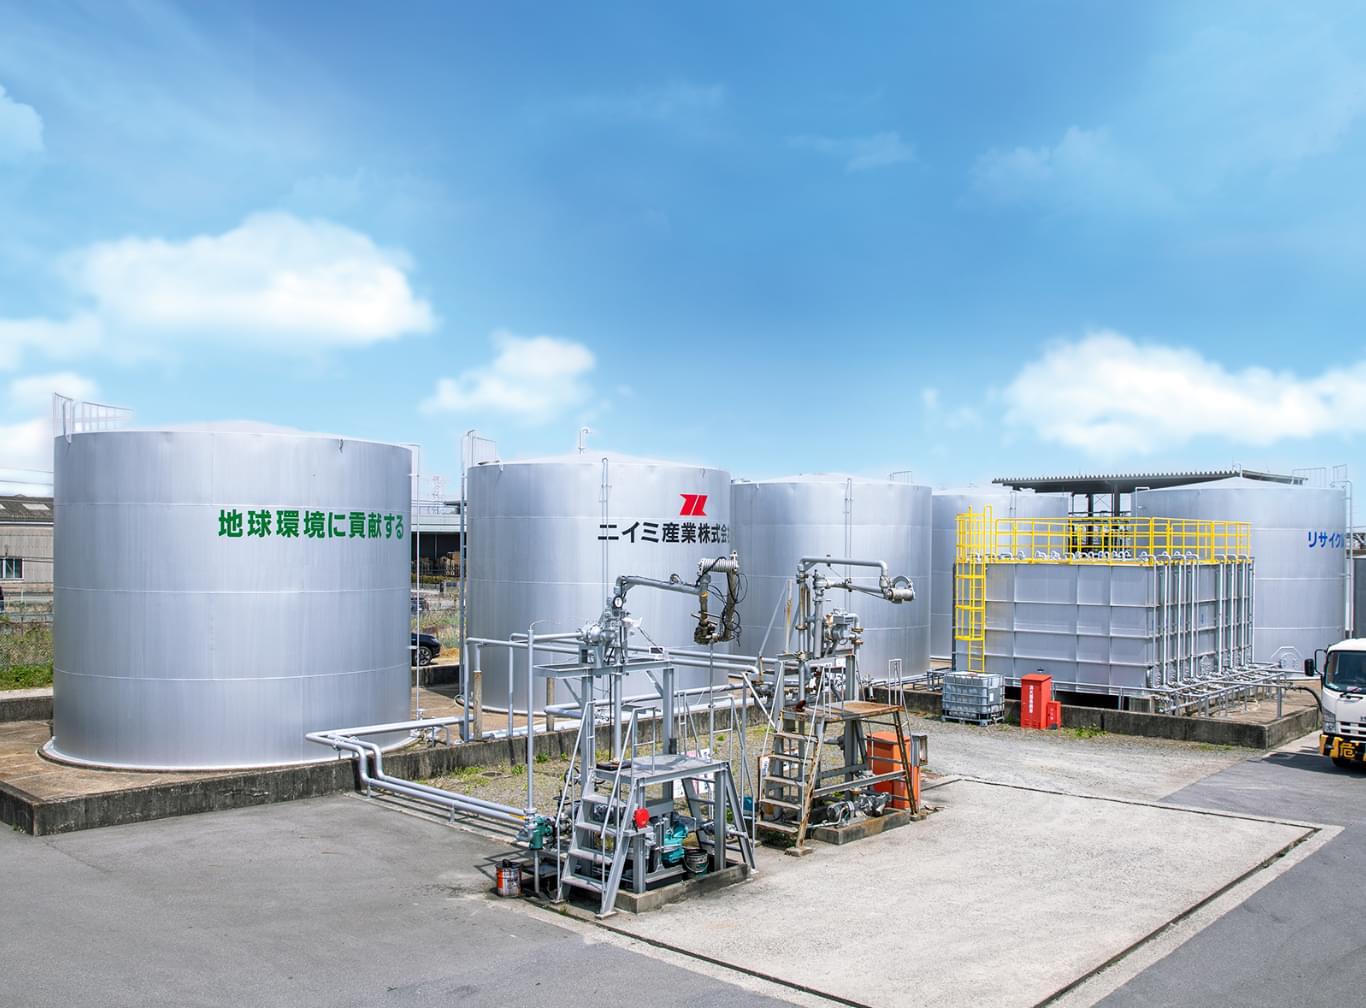 産業廃棄物のリサイクルを行うニイミ産業社員